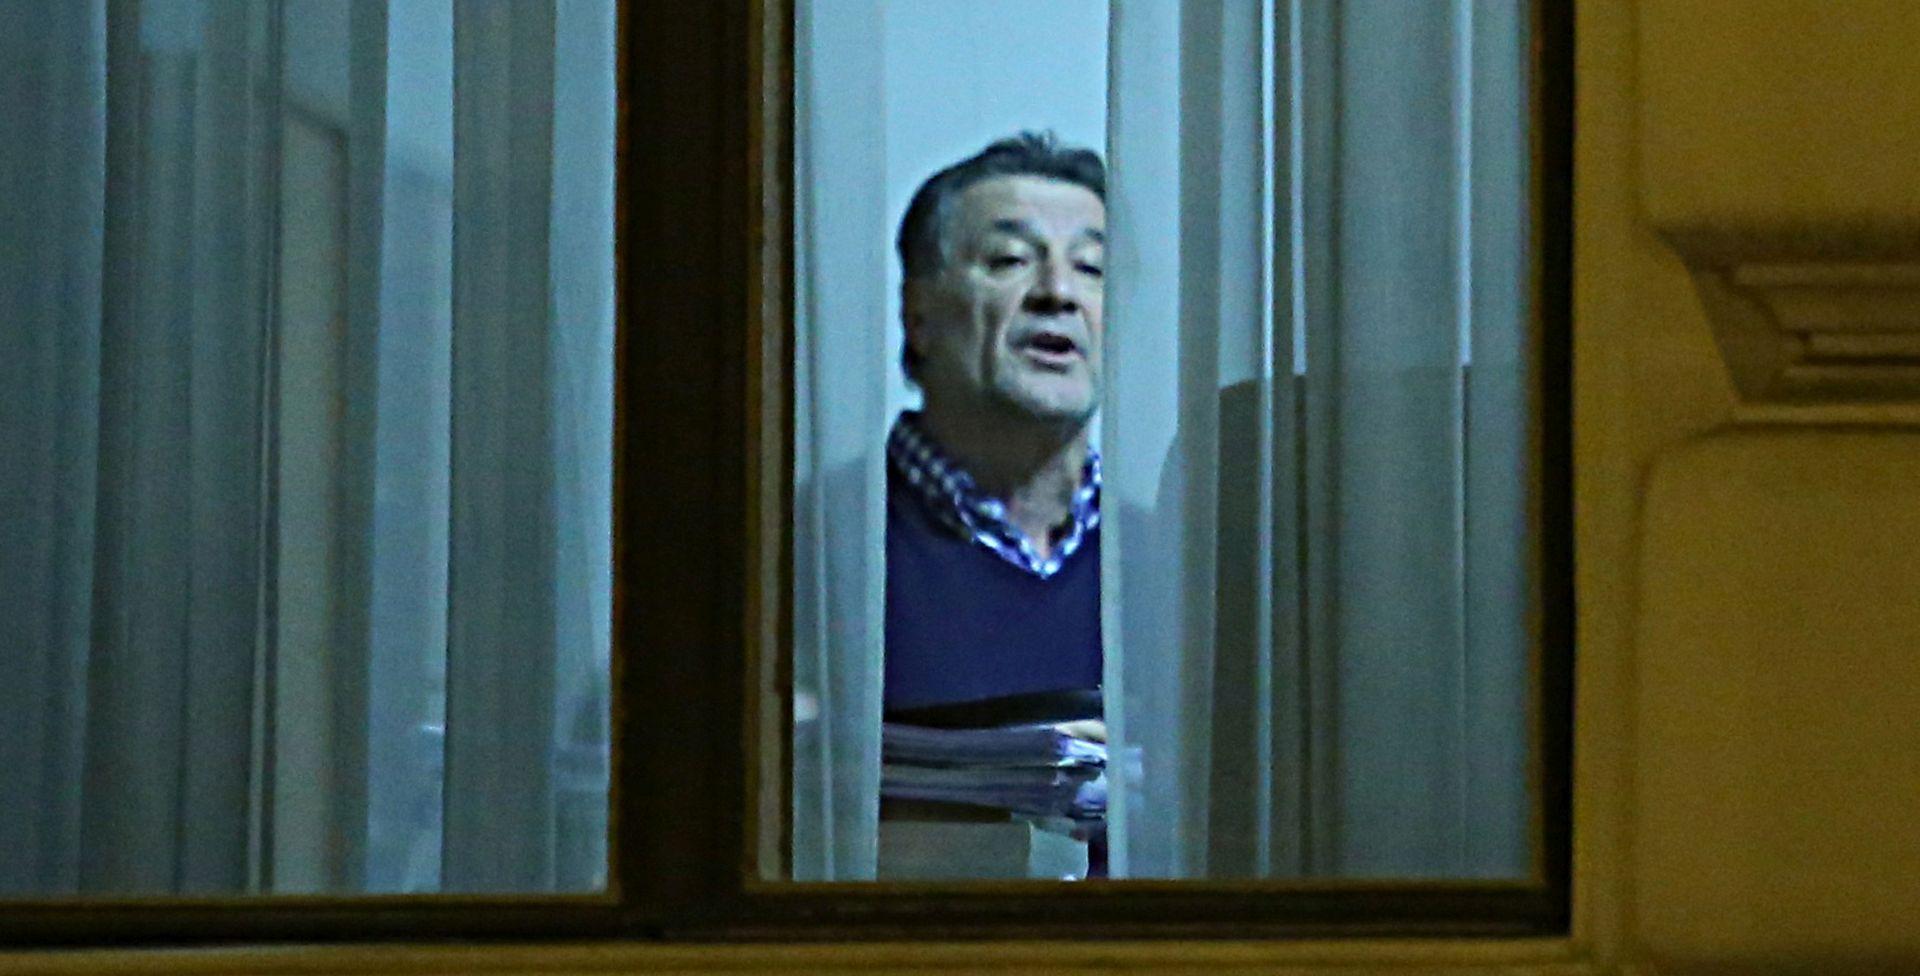 Zdravko Mamić vraća se u Remetinec, određena mu jamčevina od 15 milijuna kuna